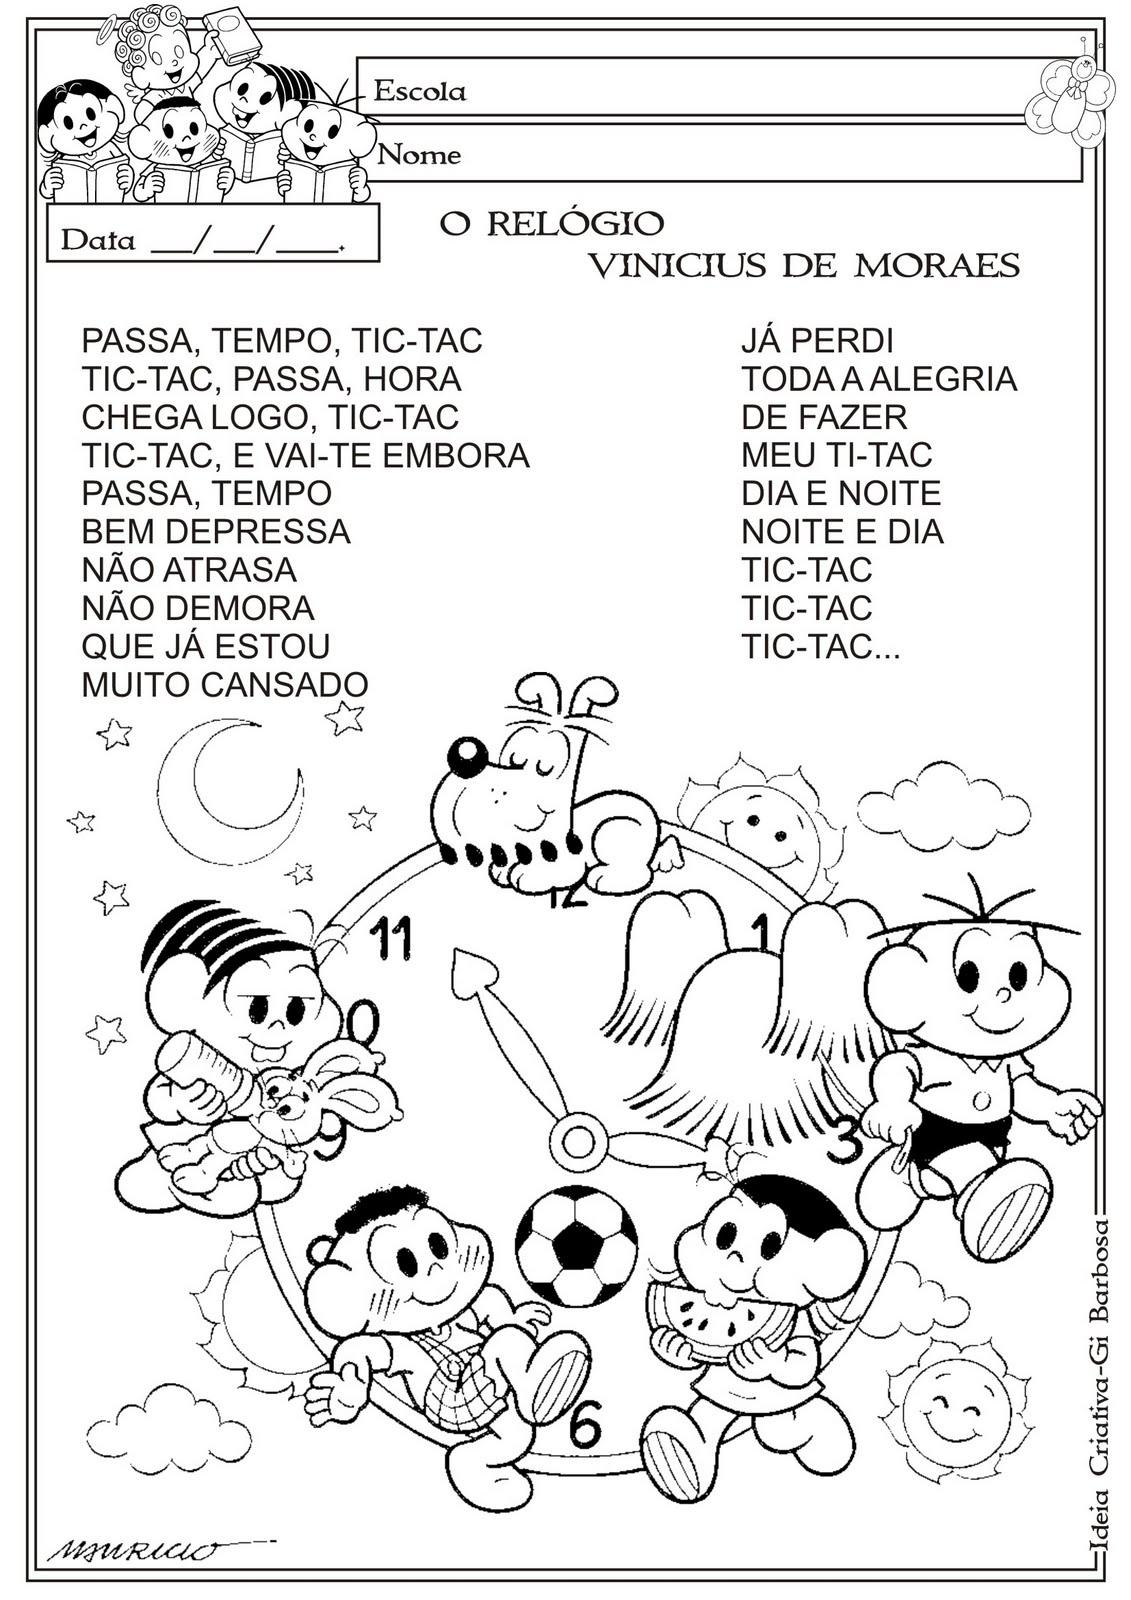 Poemas - Vinicius Moraes - Poemas / Poesia de Vinicius